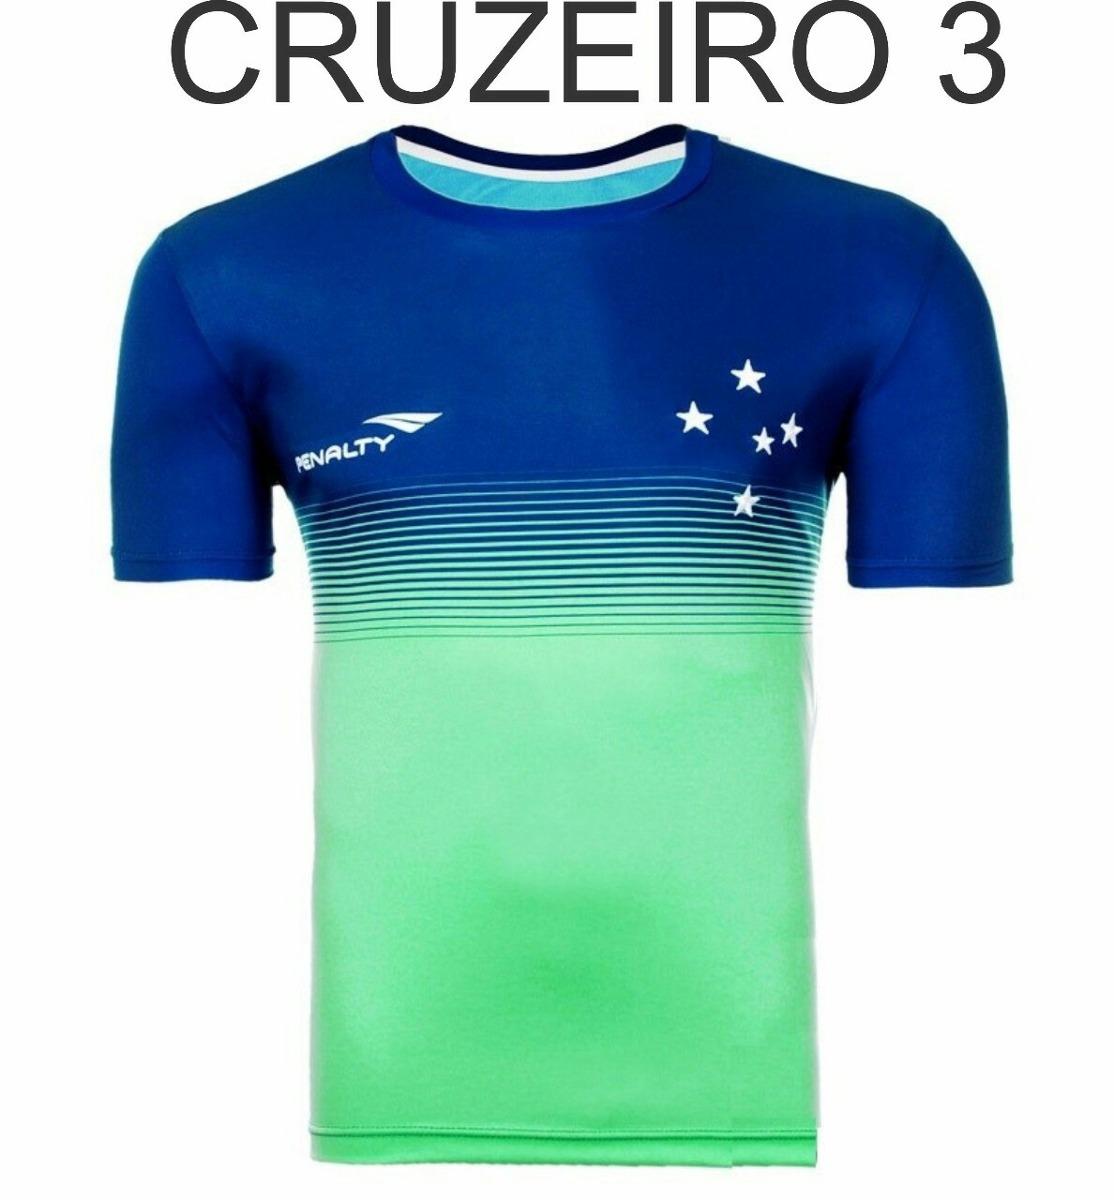 e3d43244dbe1f camiseta do cruzeiro 2015 (personalizada). Carregando zoom.